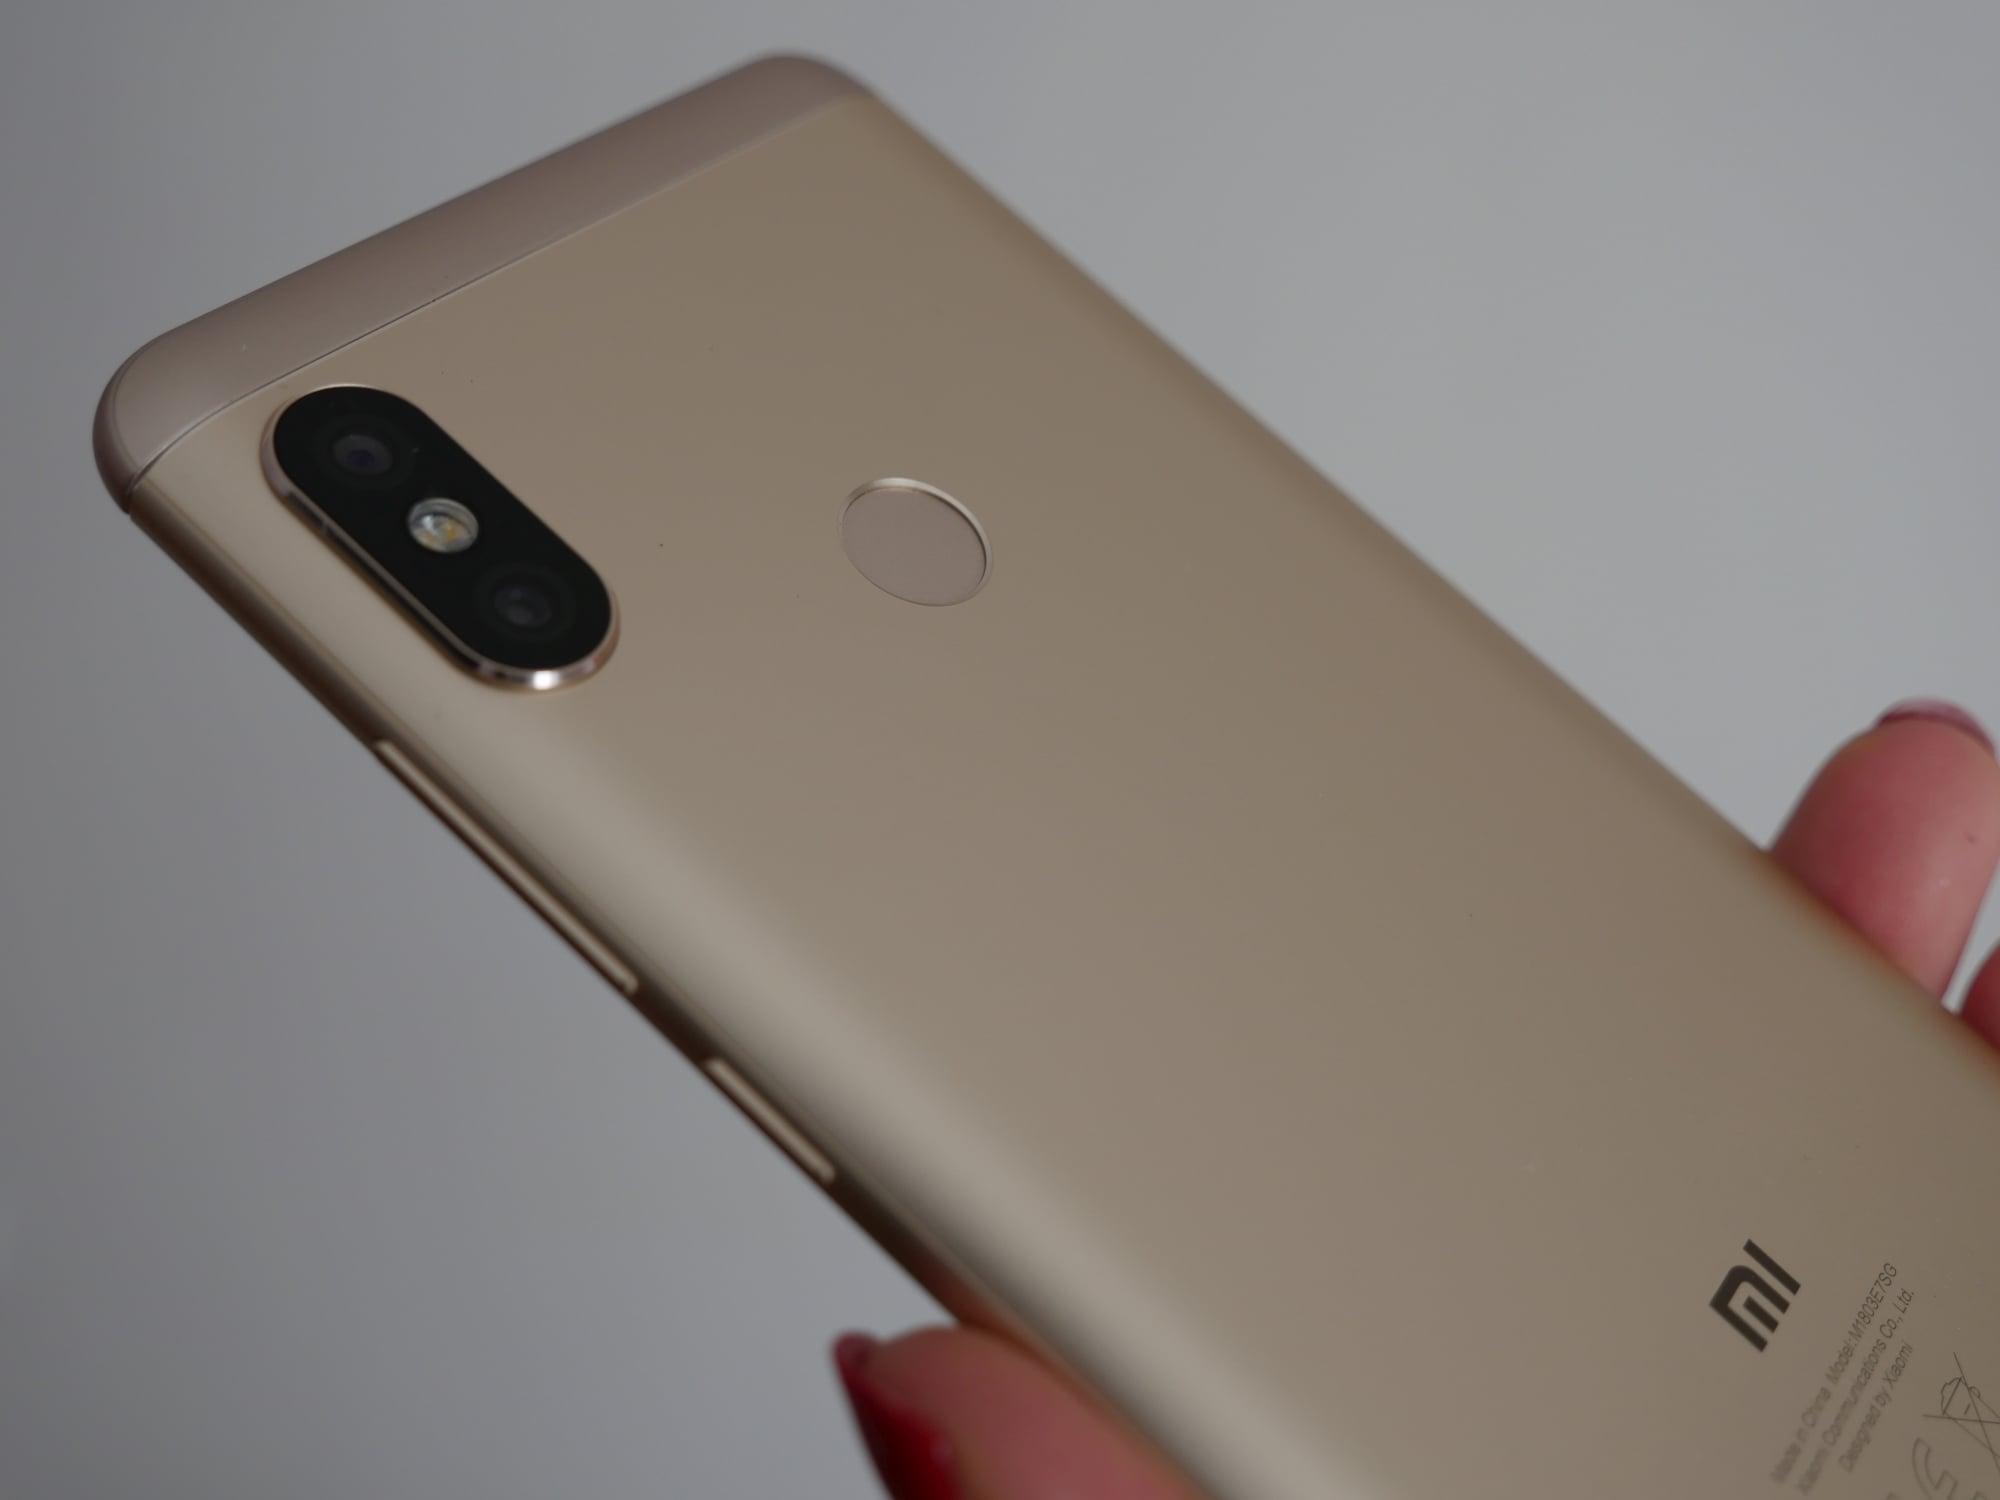 Recenzja Xiaomi Redmi Note 5 Dobry Smartfon Do 1000 Zotych 4 64gb Black W Ciemno Zosta Uznany Za Najciekawszy Dostpny Cenie 900 A Nawet I Tysica Mowa Oczywicie O